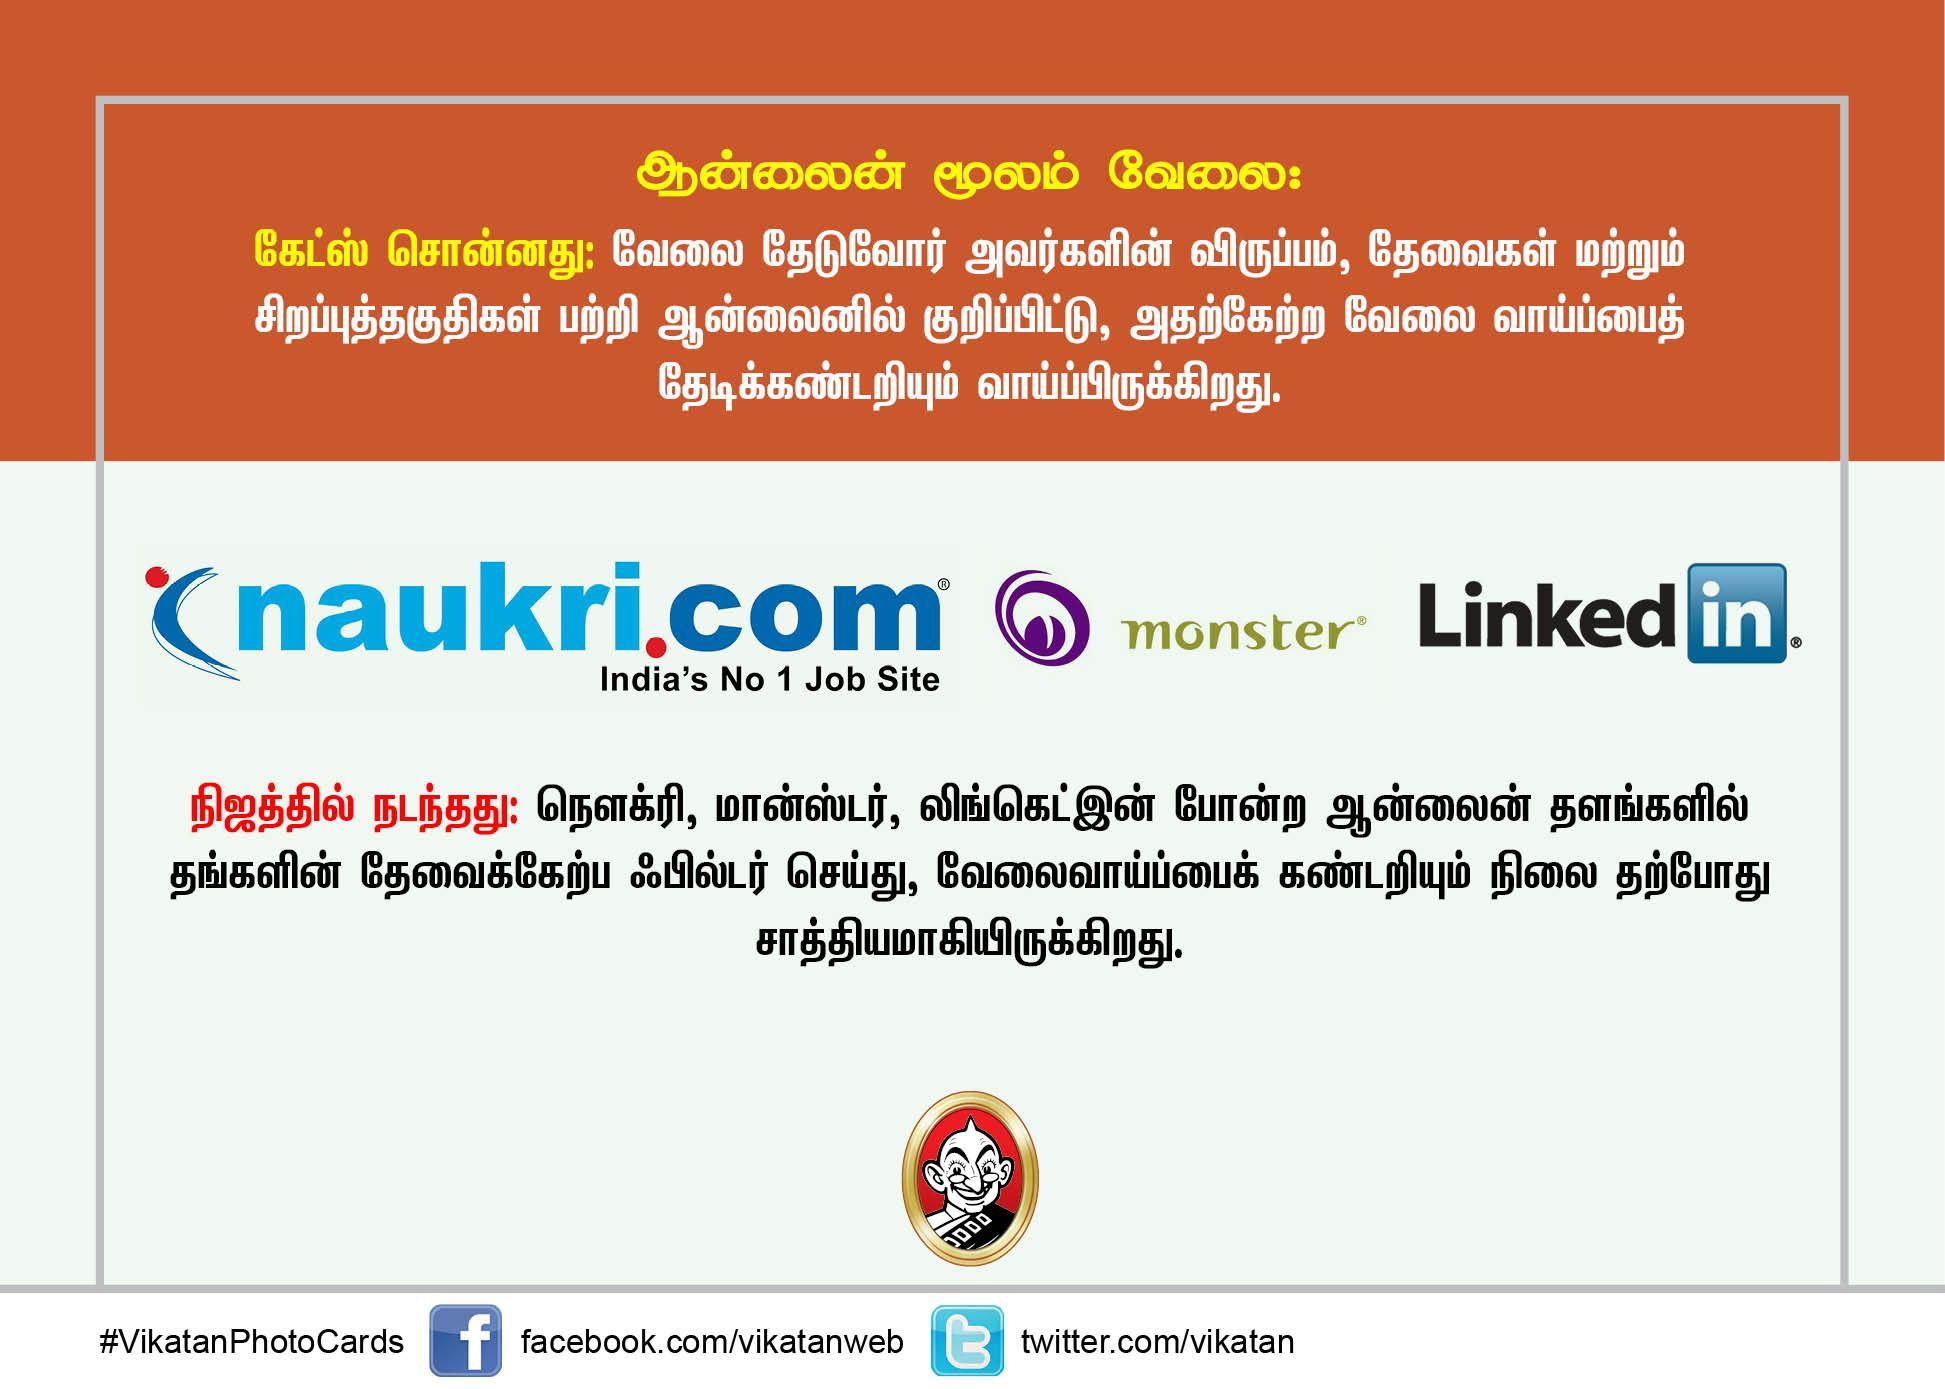 பில் கேட்ஸ் 1999ல் கணித்த எவையெல்லாம் இன்று நிஜமாகியிருக்கிறது? #VikatanPhotoCards